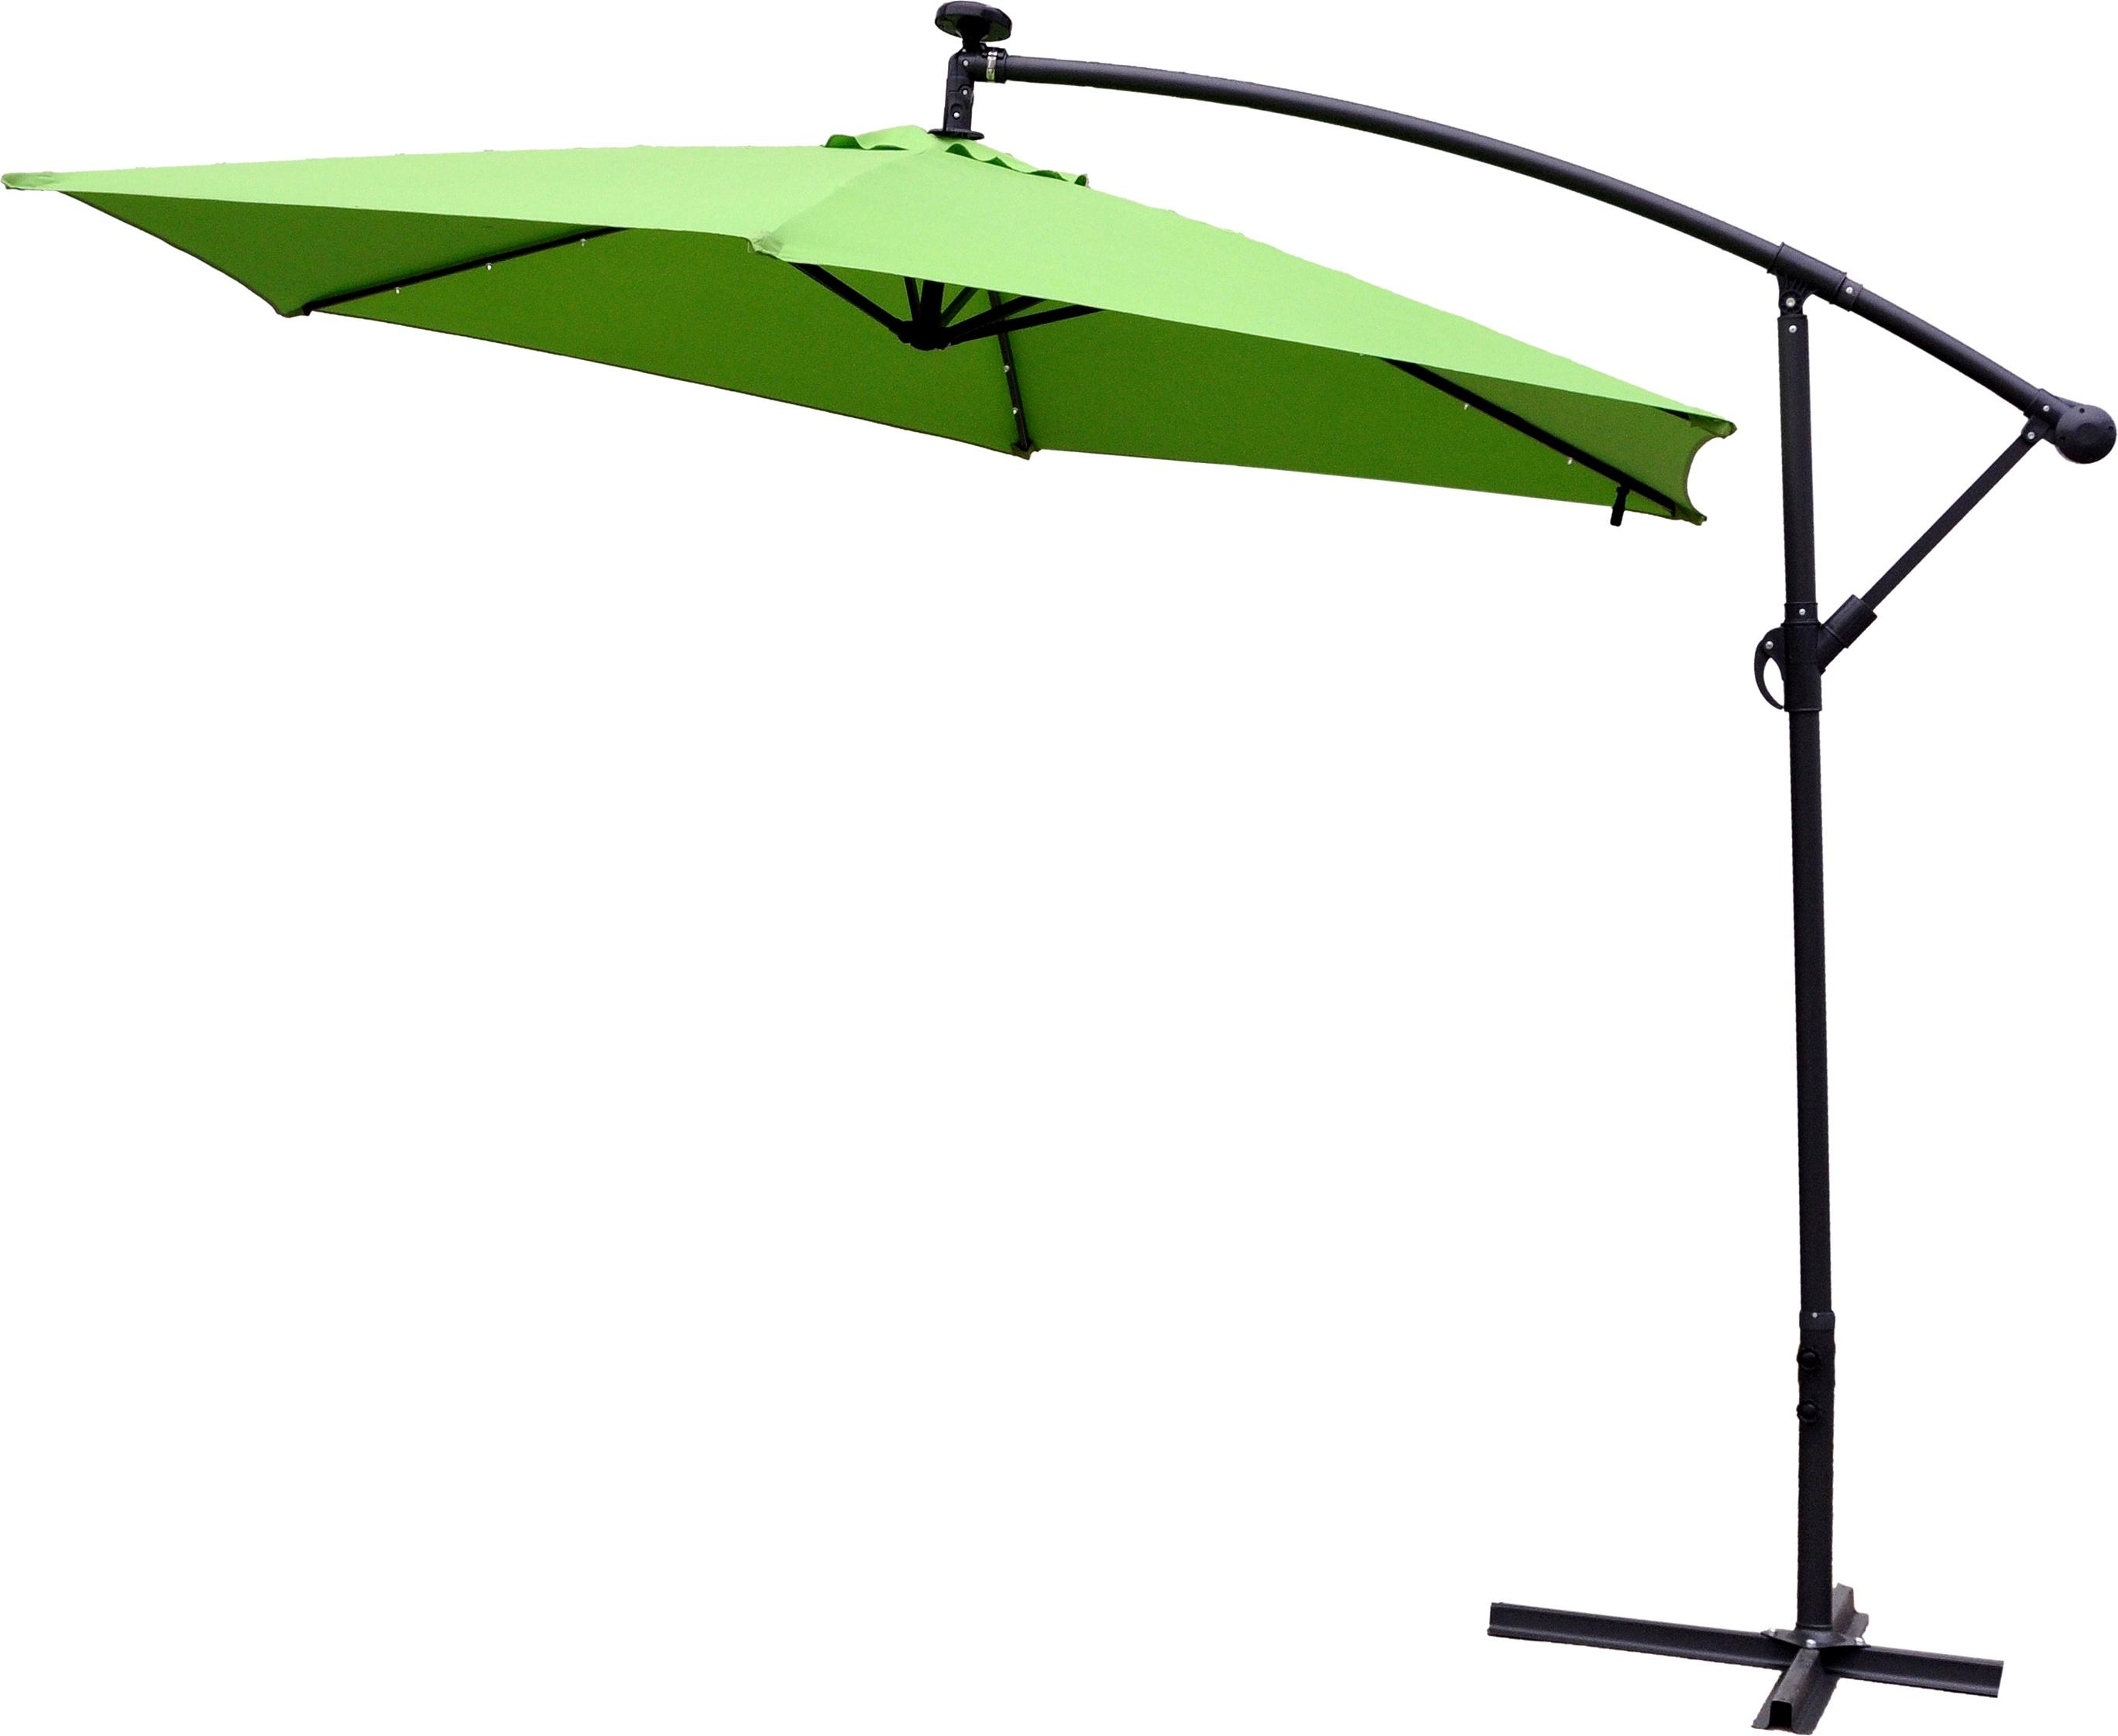 Aga Zahradní slunečník konzolový EXCLUSIV LED 300 cm Apple Green